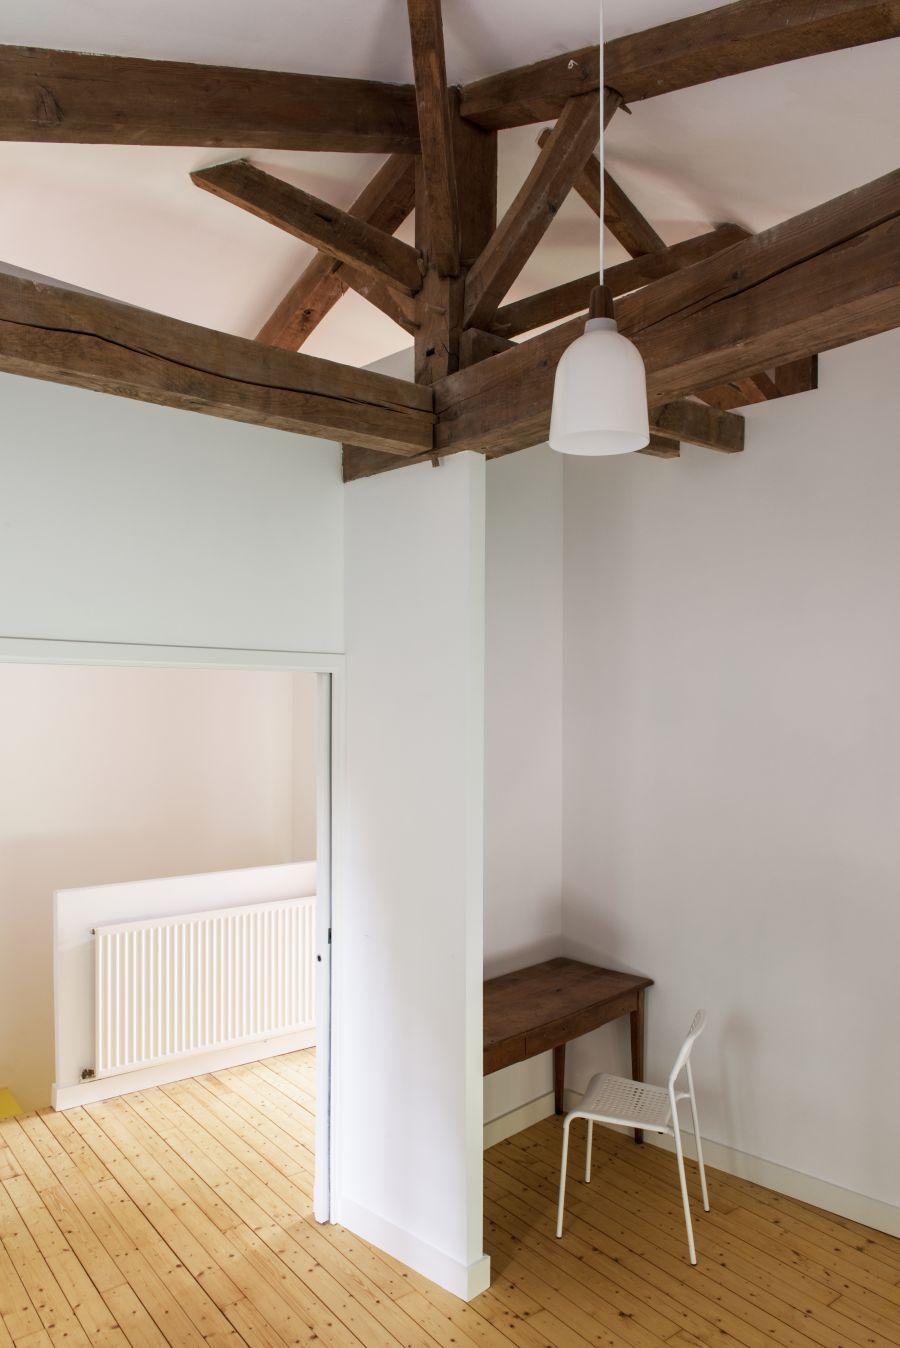 Réhabilitation d'un atelier d'artiste - Arch. Atelier François Berthe, Aude Soulain Architecture - Photo : Germain Herriau